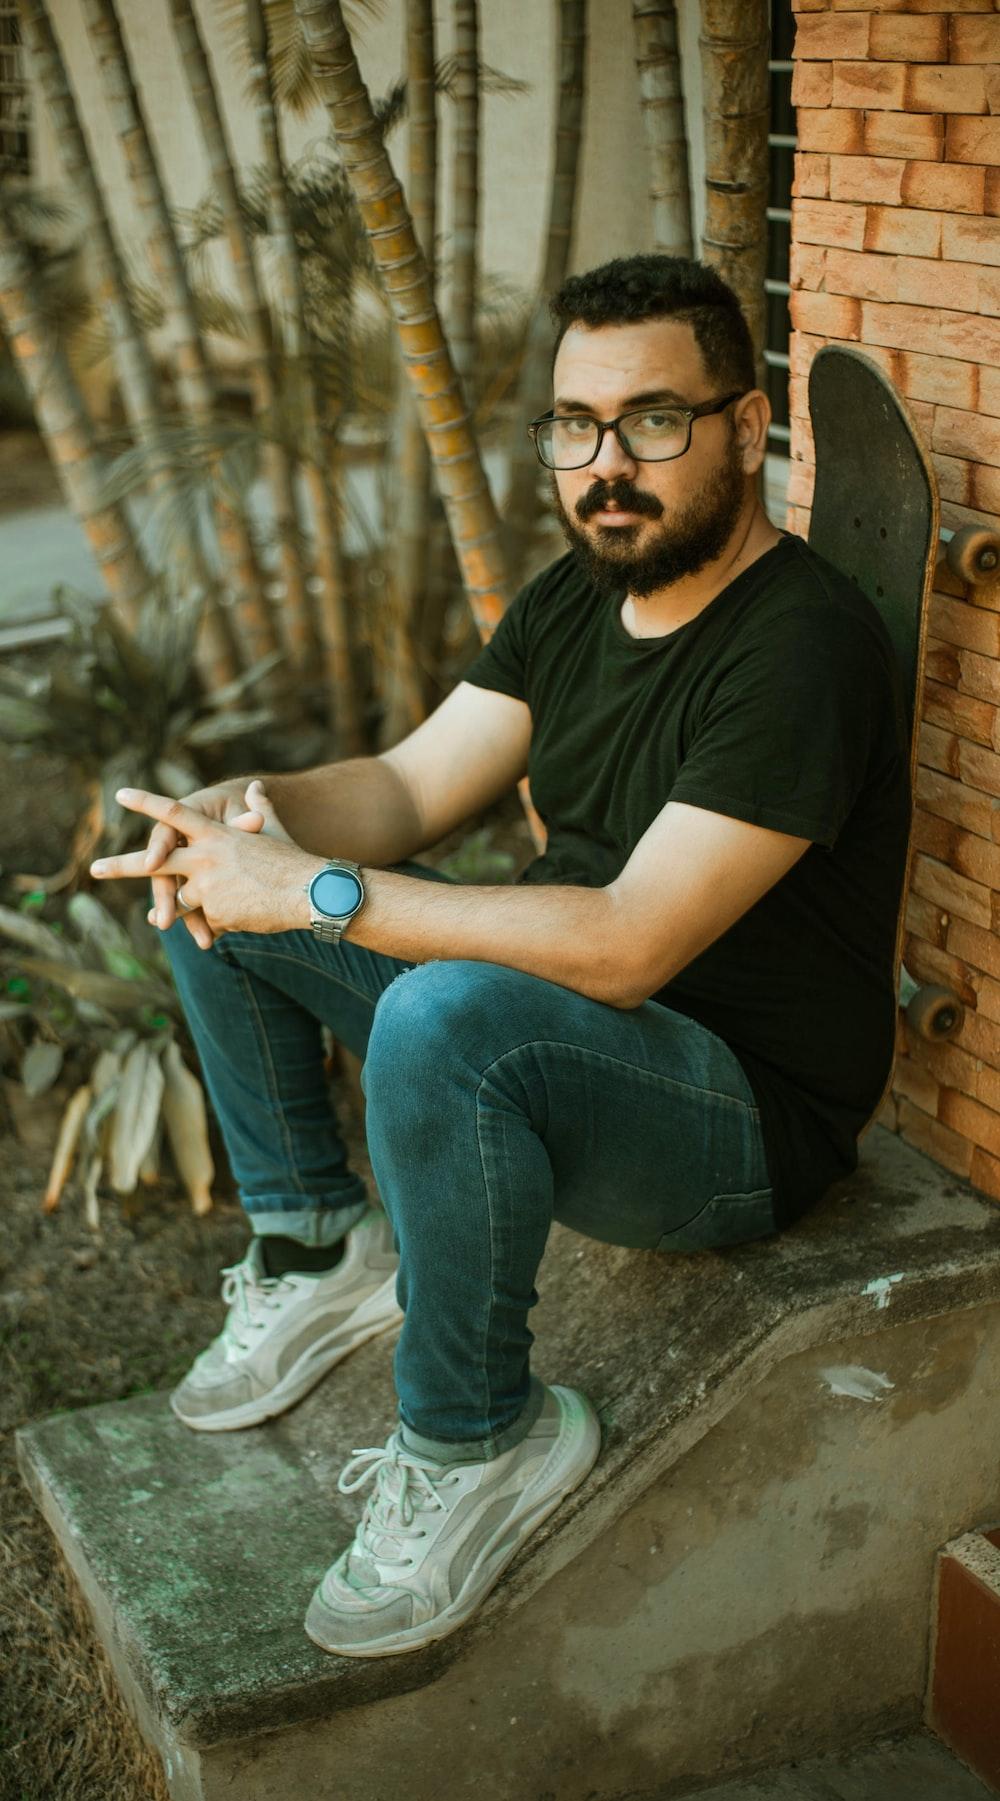 man sits near wall